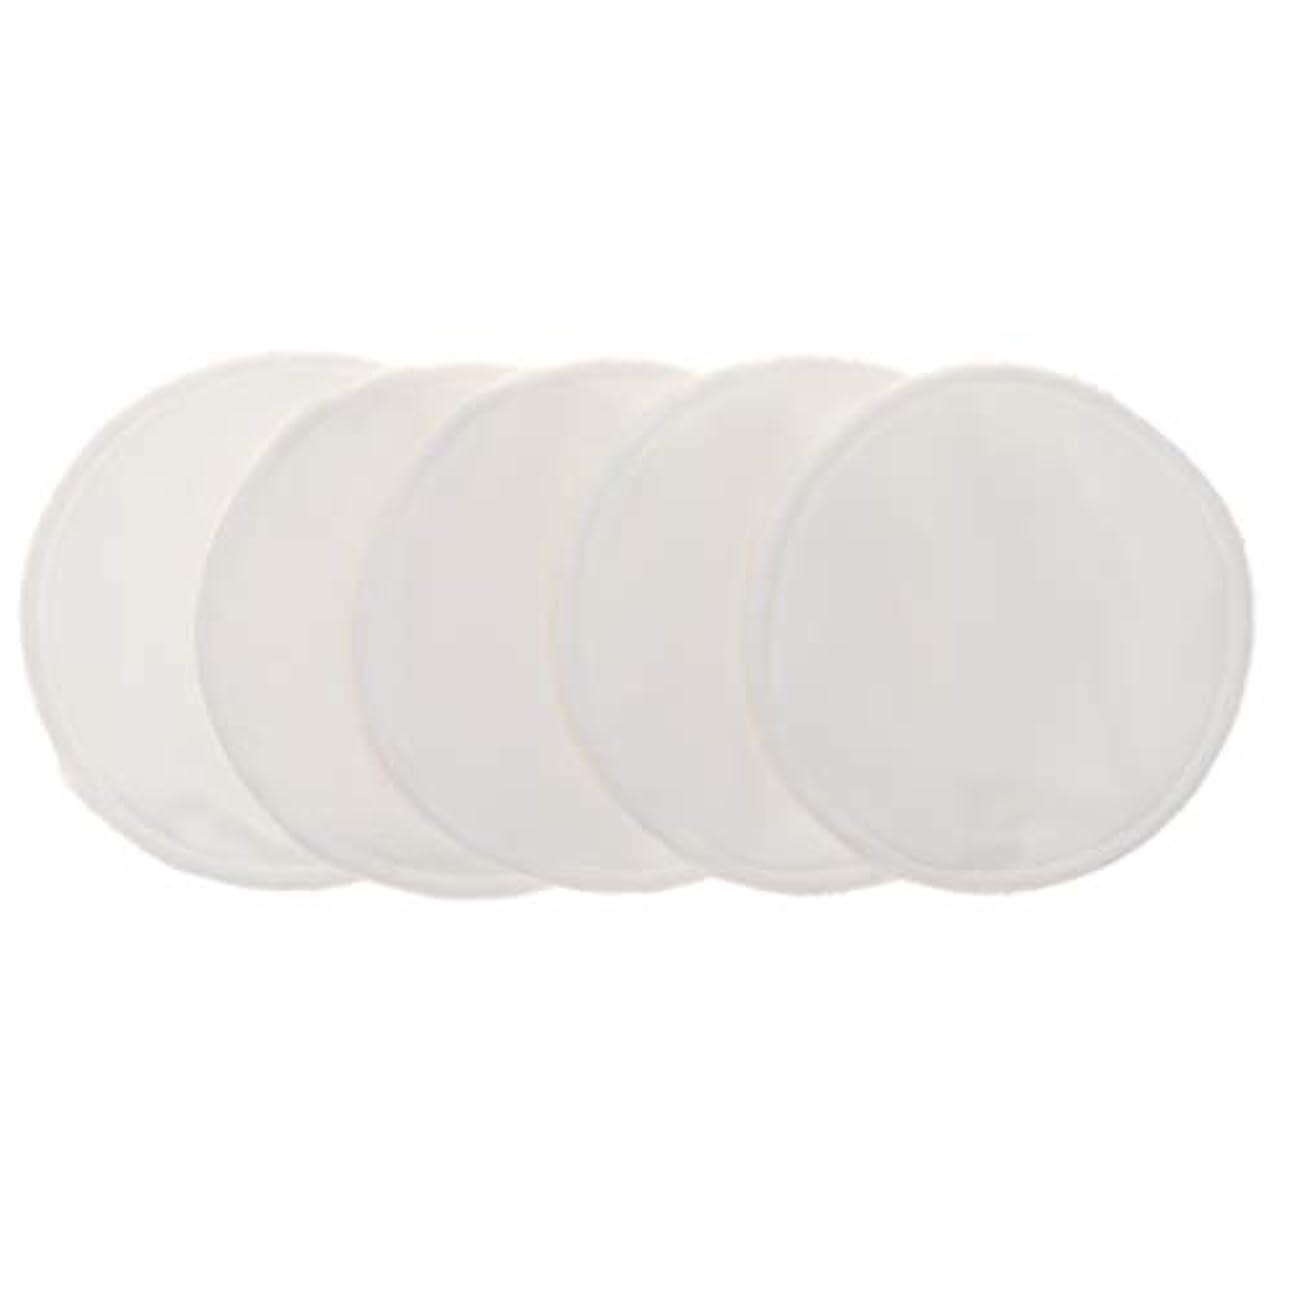 デコレーションクール追加12cm 胸パッド クレンジングシート 化粧水パッド 竹繊維 円形 洗える 再使用可能 5個 全5色 - 白